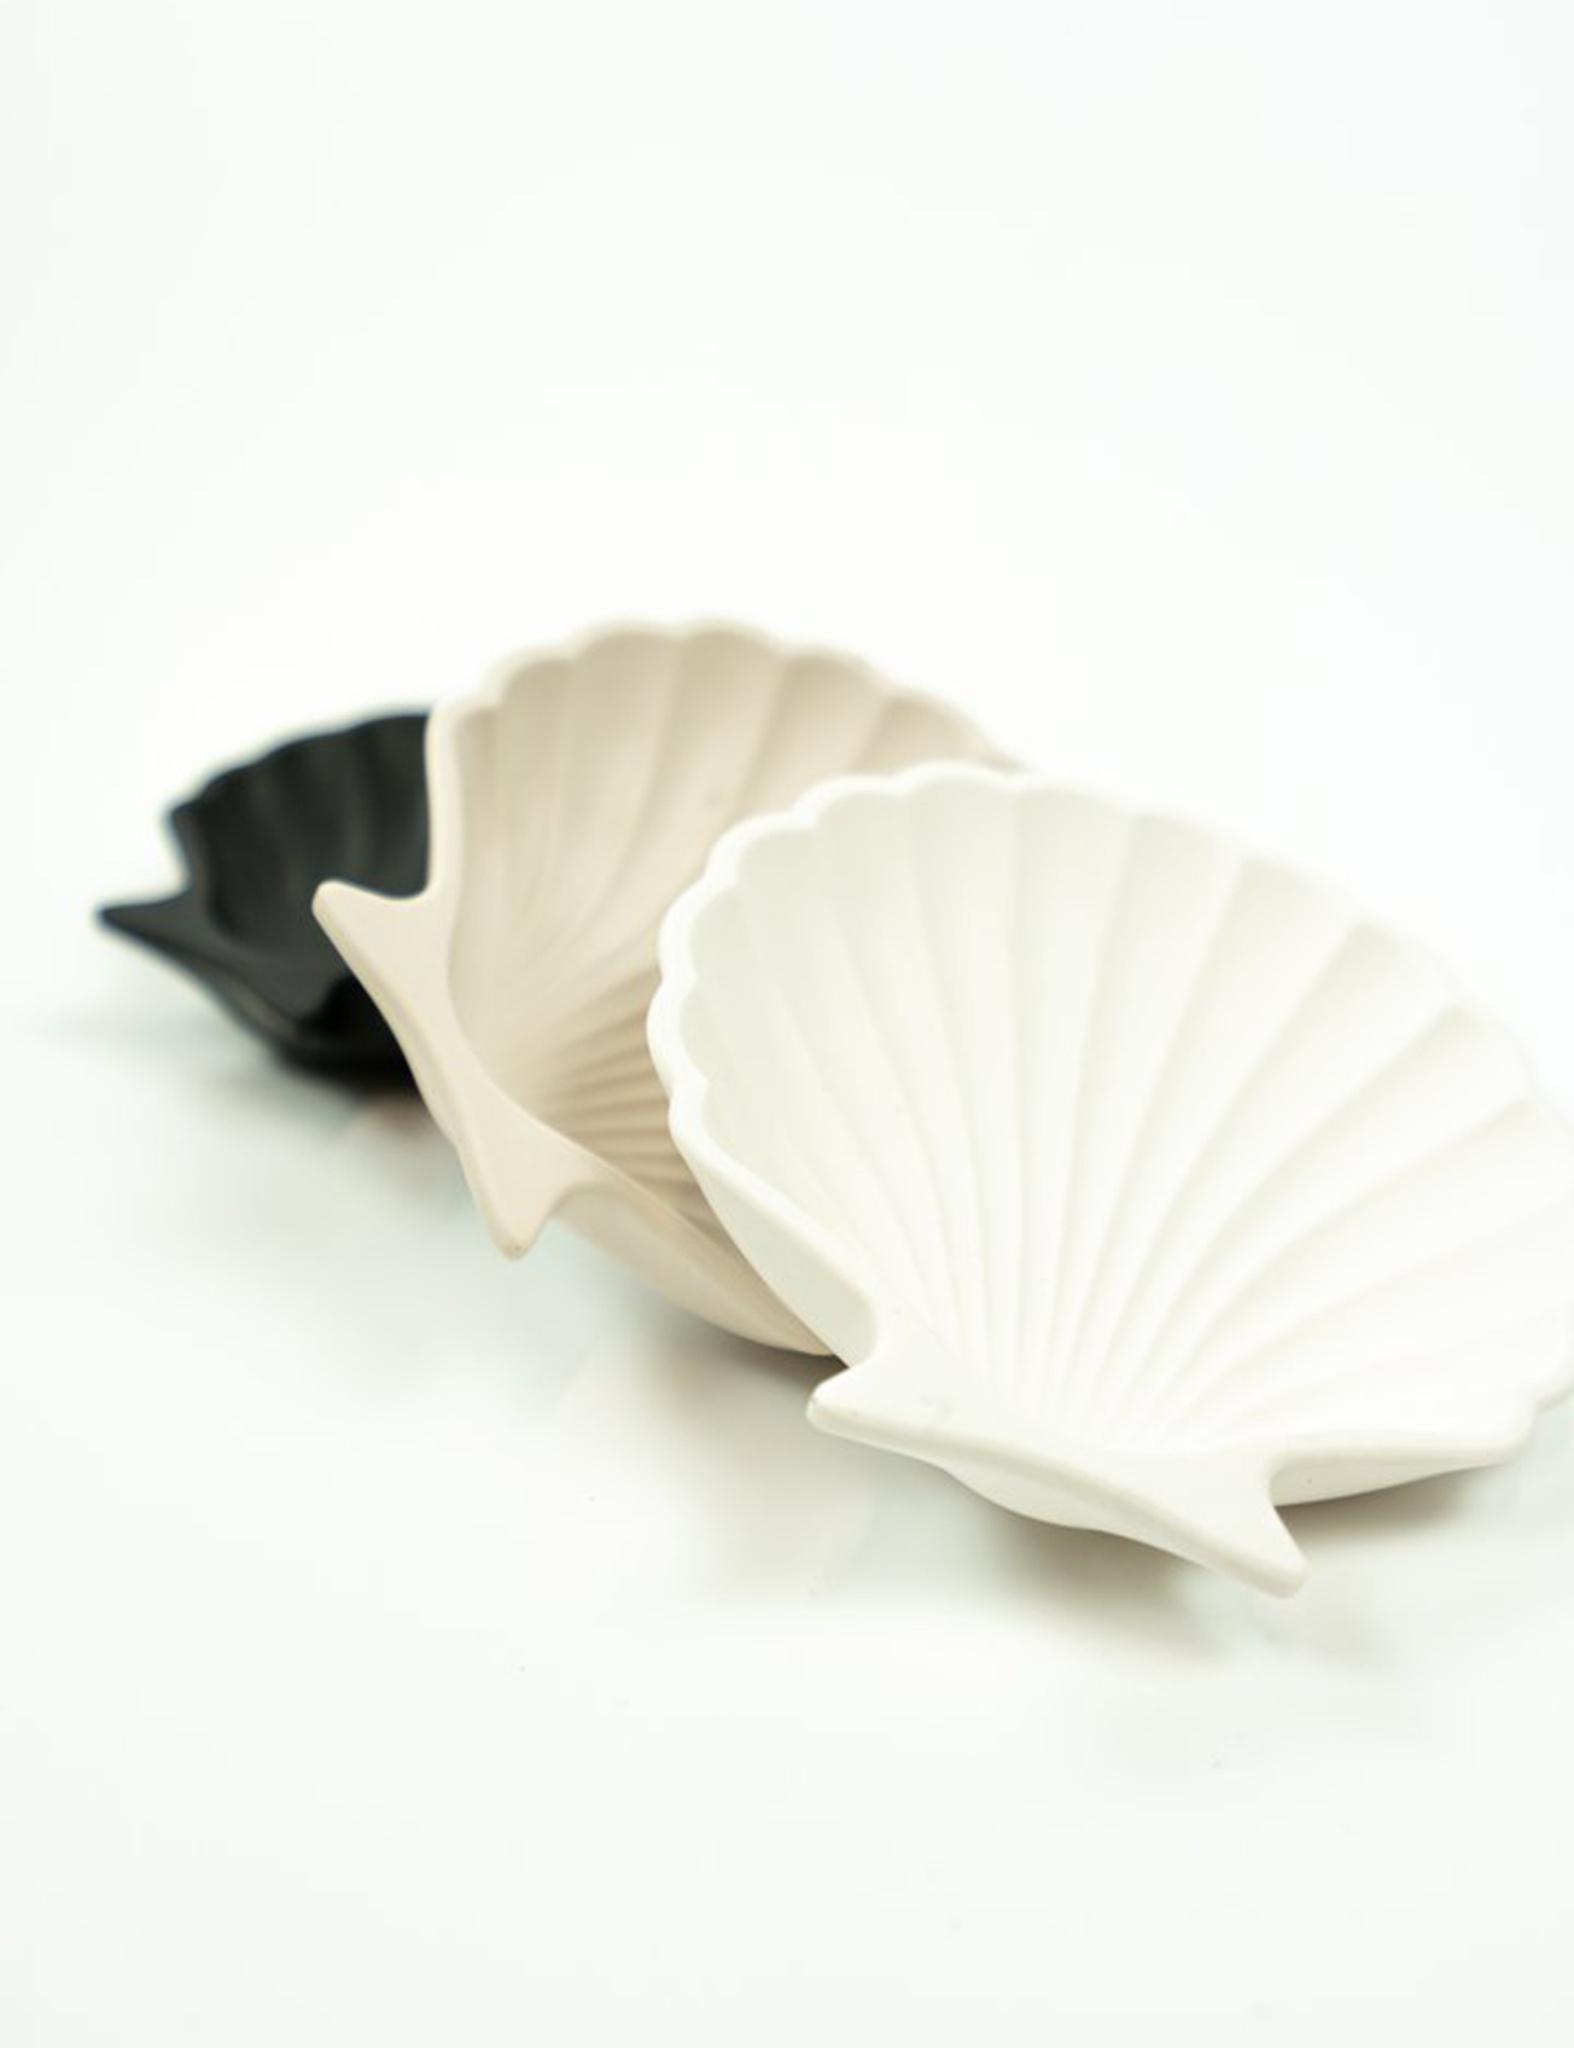 Kleine accessoireschelp - Studio SixtyFour